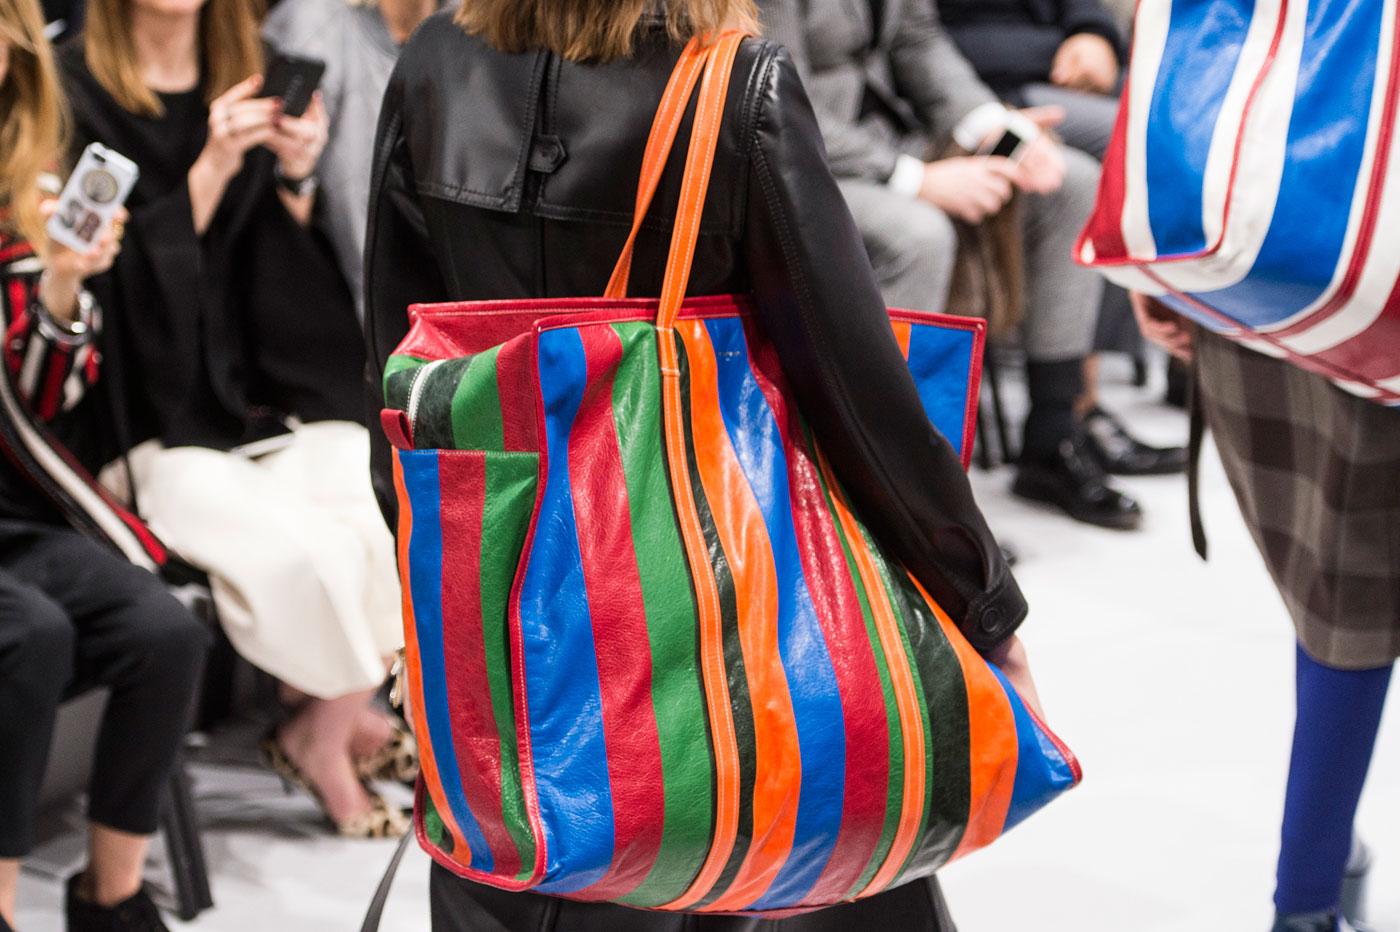 5176f3301687 Базарные сумки снова в моде: в сети высмеяли коллекцию известного бренда